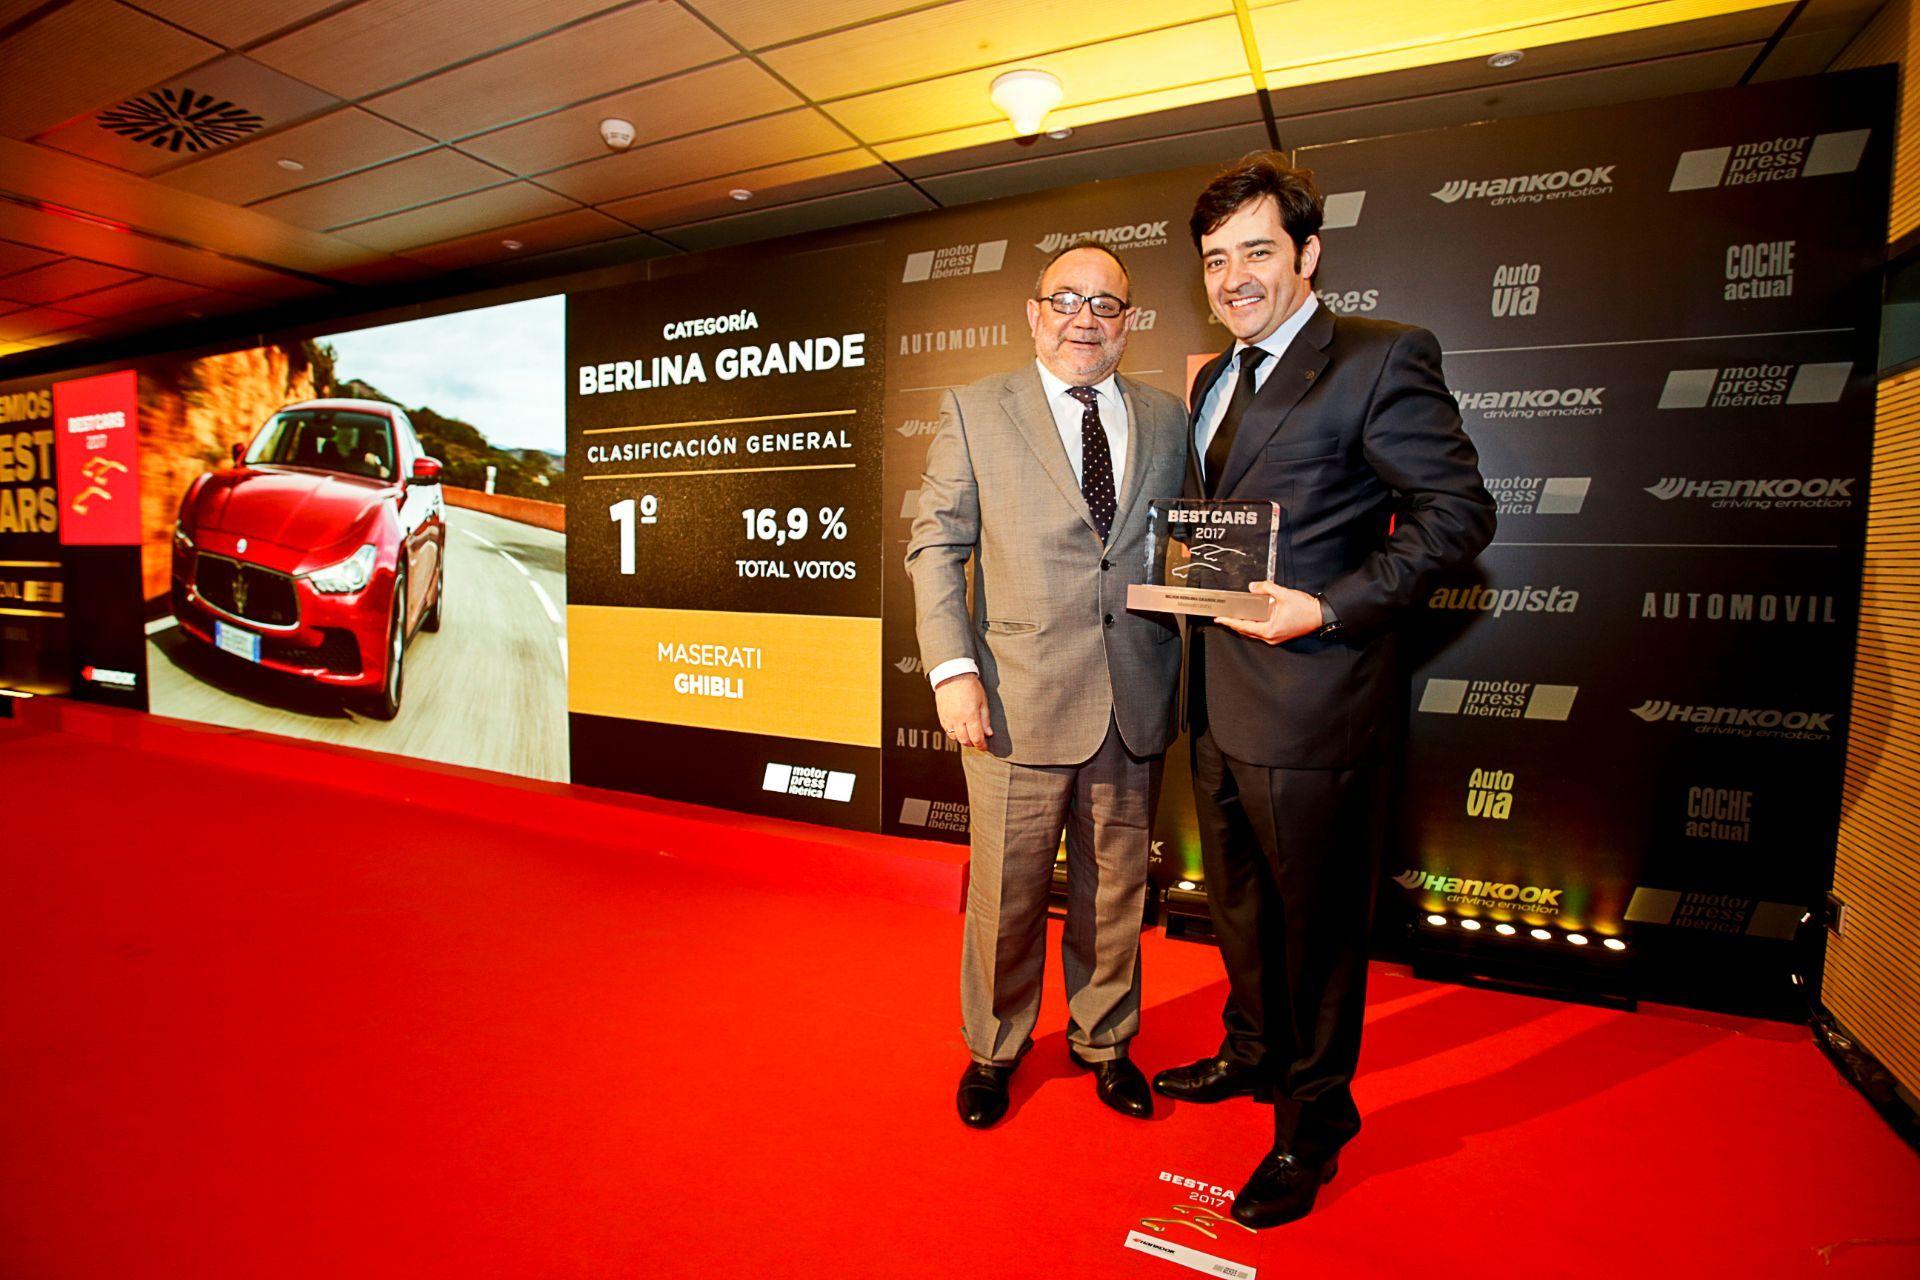 No hay dos sin tres: Maserati Ghibli, elegido por tercer año consecutivo 'Mejor Berlina Grande' por los lectores de Autopista, Automóvil, Coche Actual y Autovía, del grupo Motorpress Ibérica